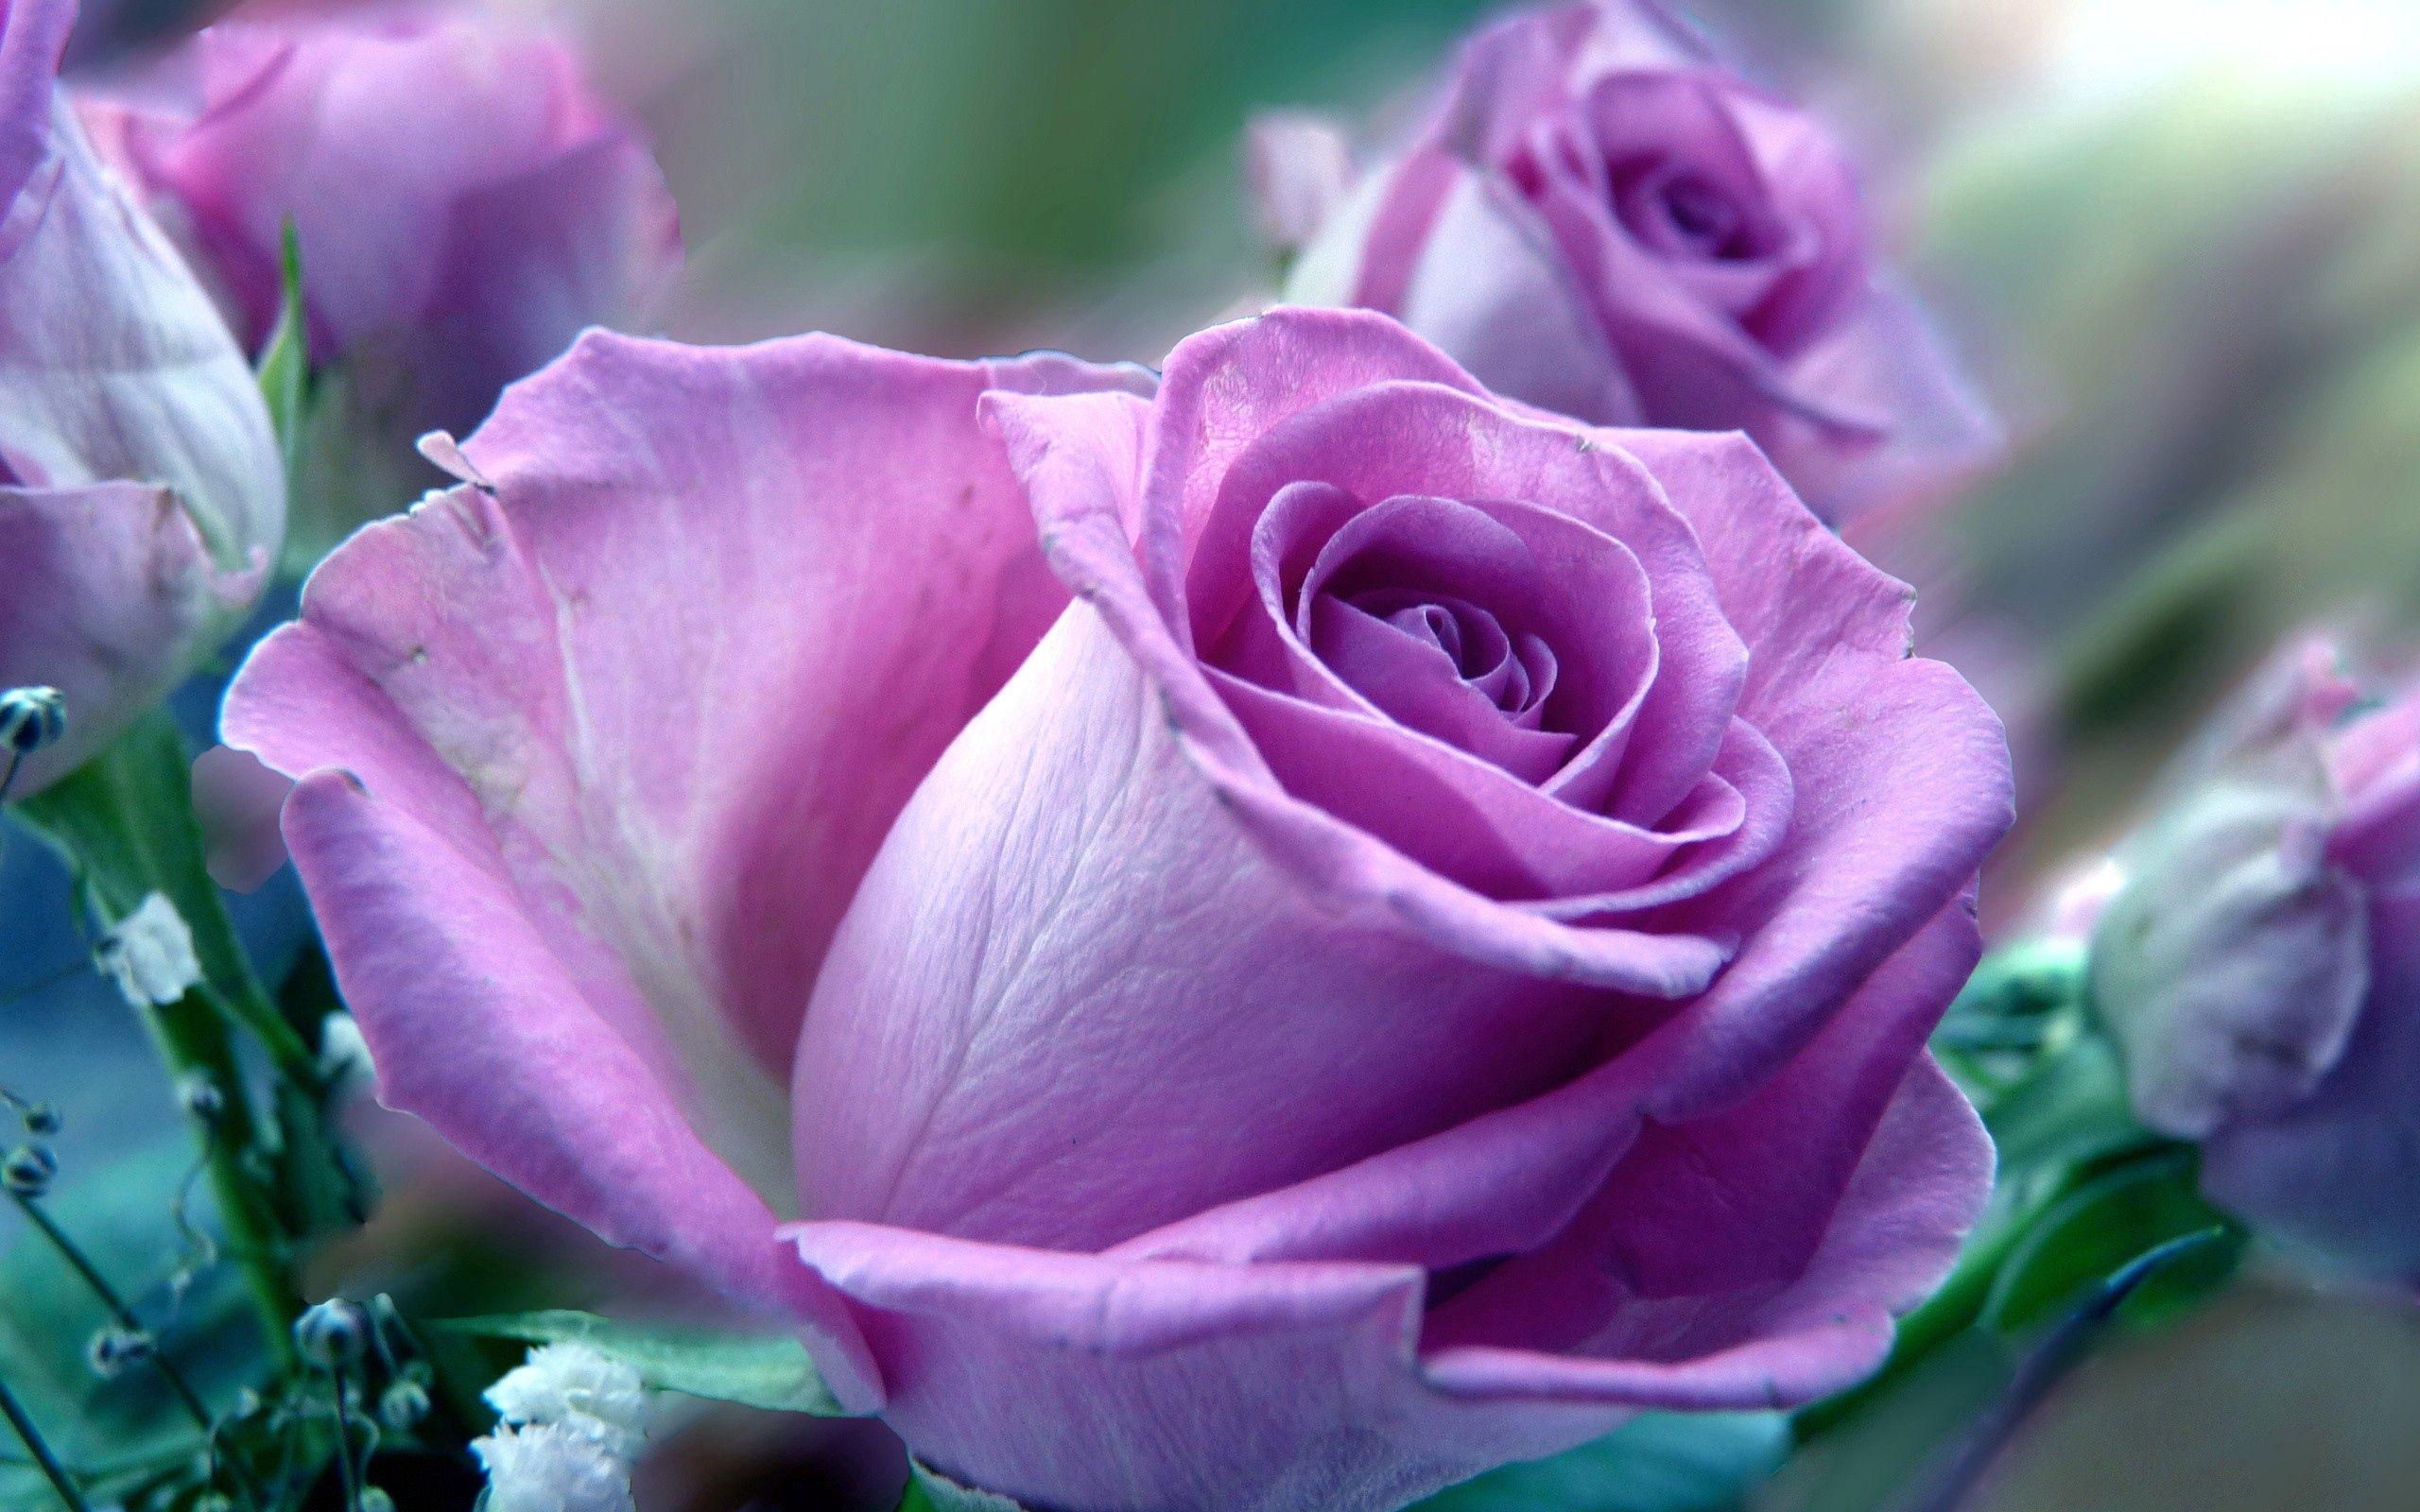 75159 скачать обои Природа, Роза, Цветок, Макро - заставки и картинки бесплатно